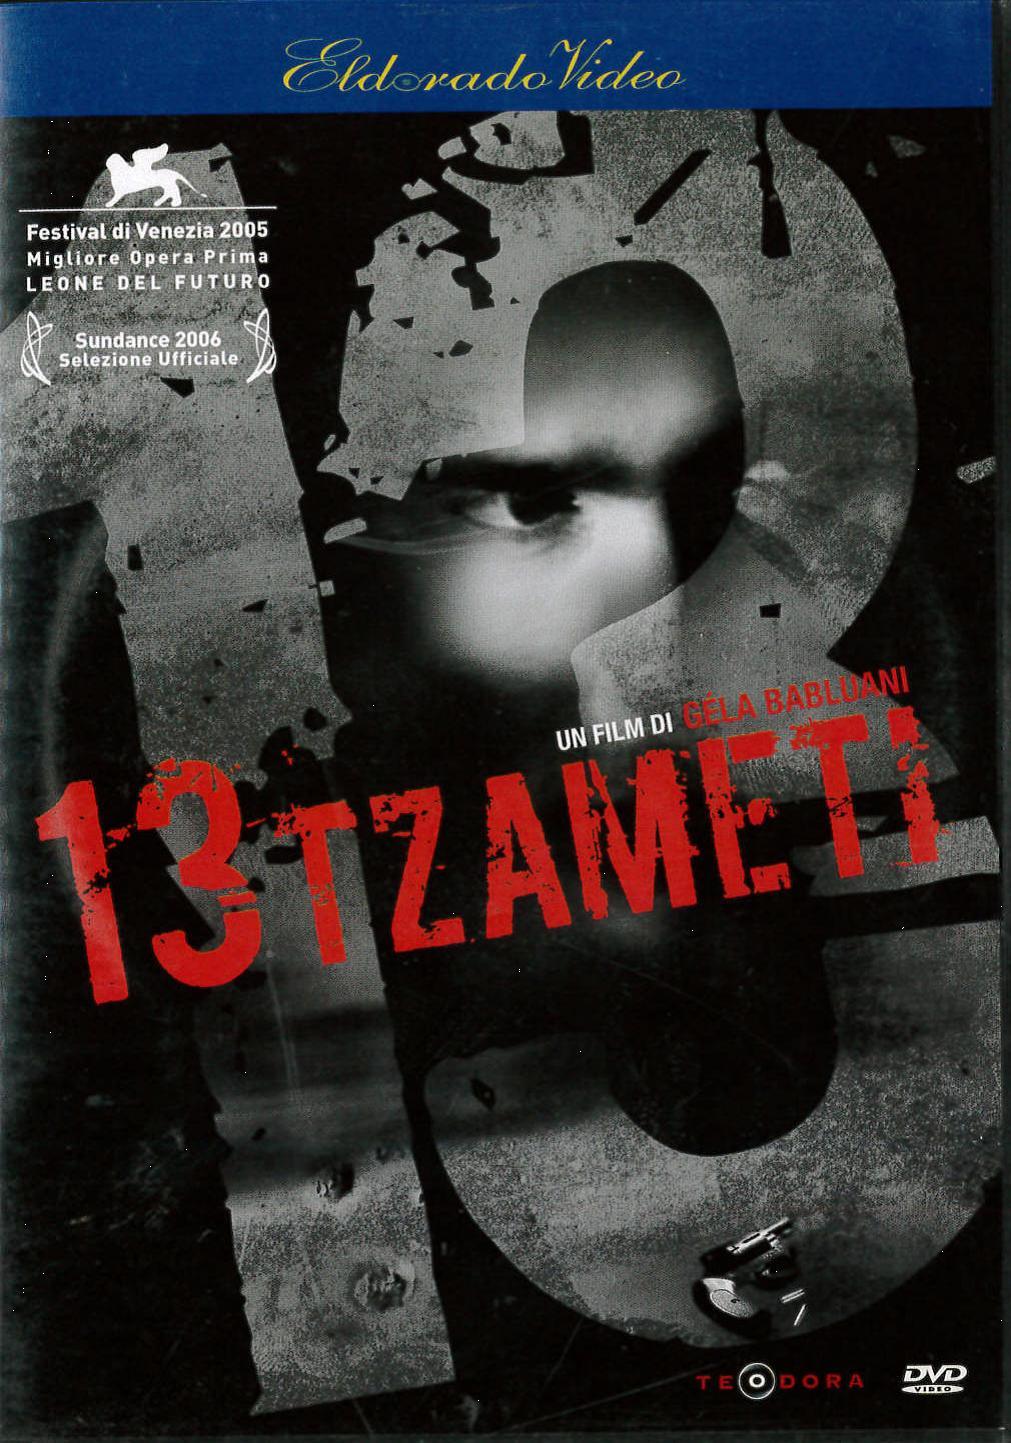 13 TZAMETI - EX NOLEGGIO (DVD)